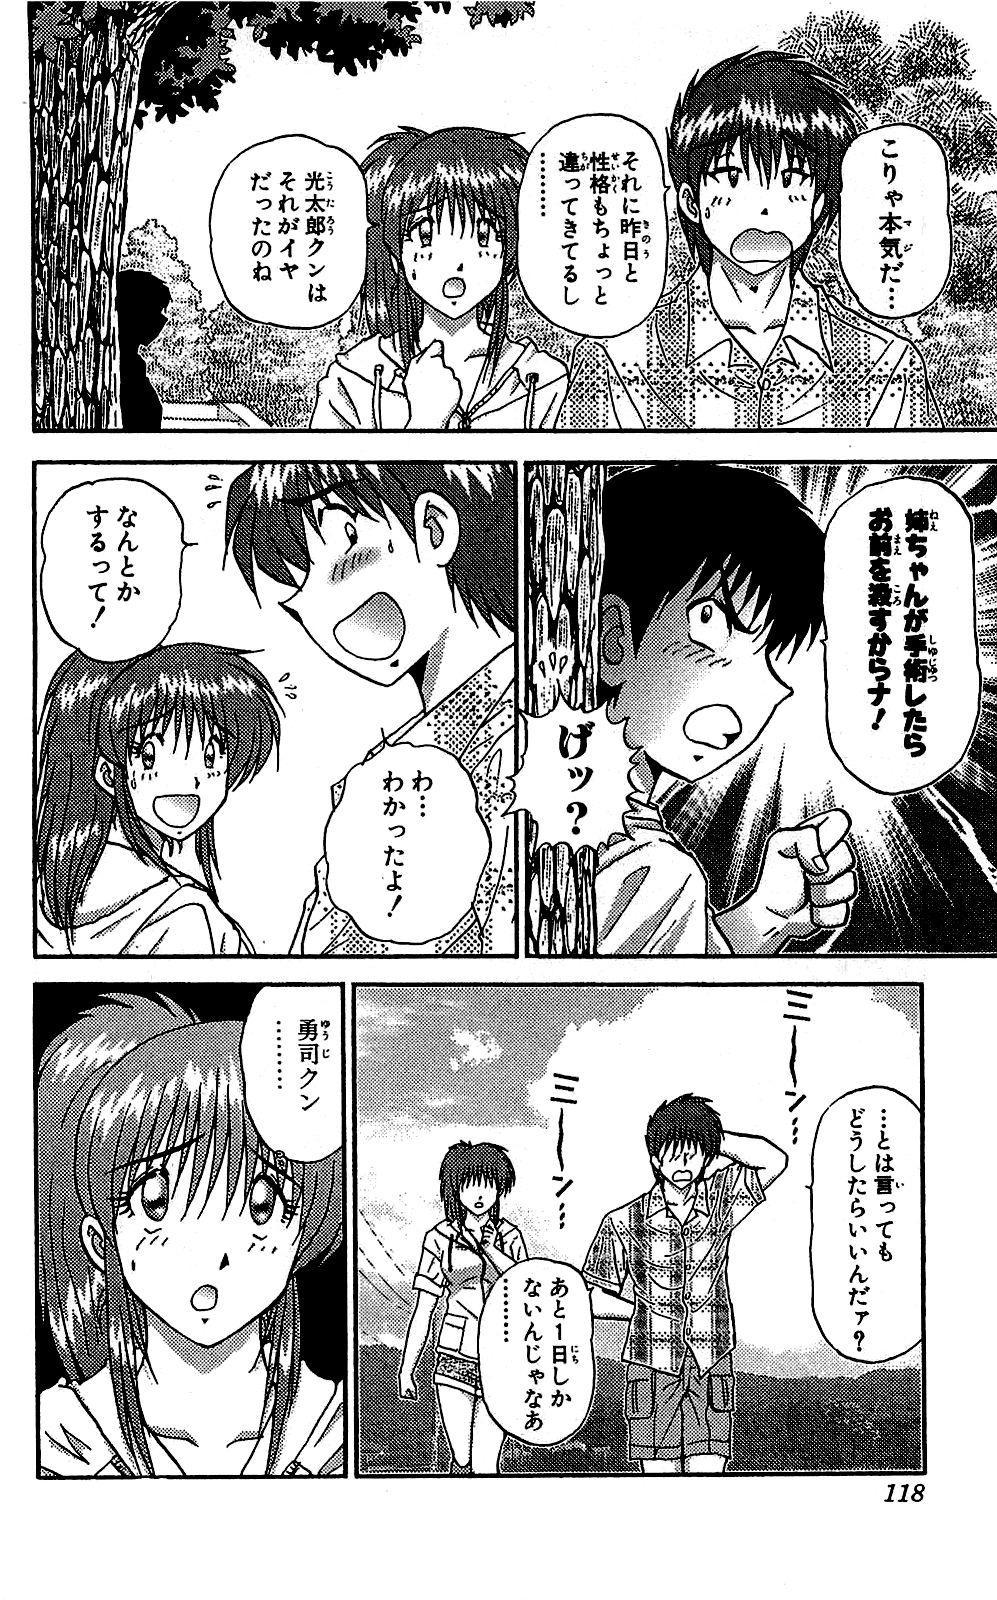 Miracle Make Yuuji 118